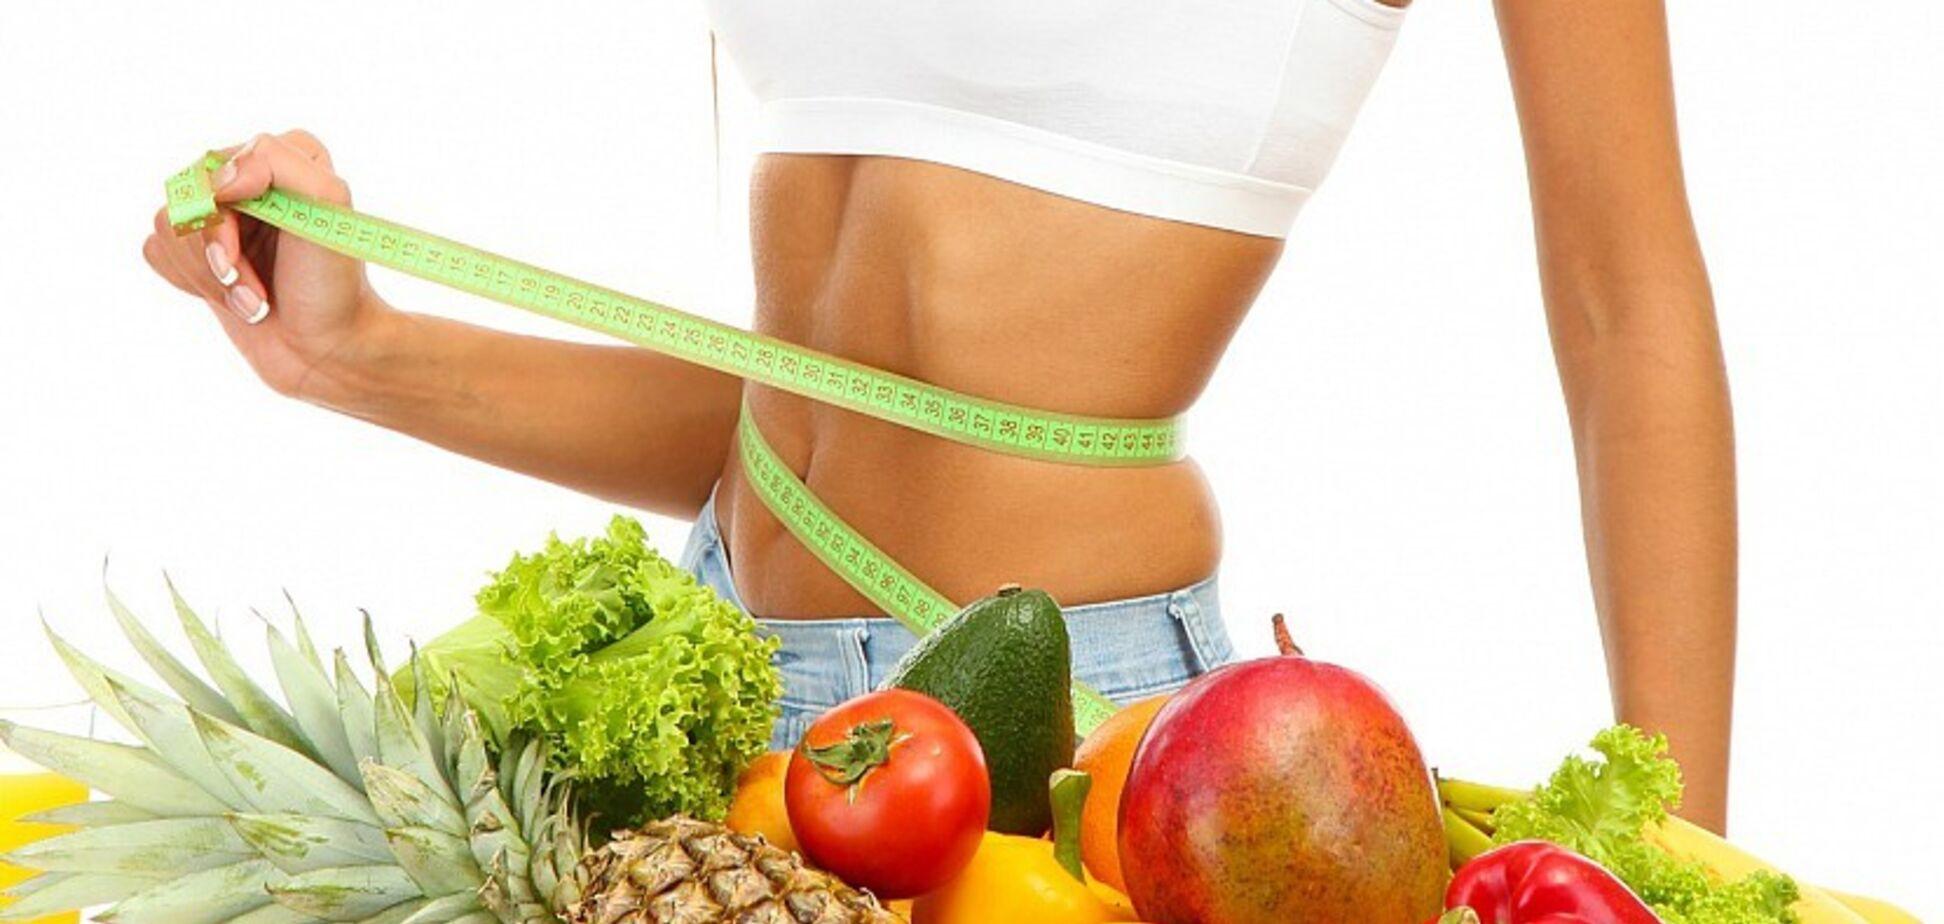 Як схуднути до літа: топ-3 ефективних дієт